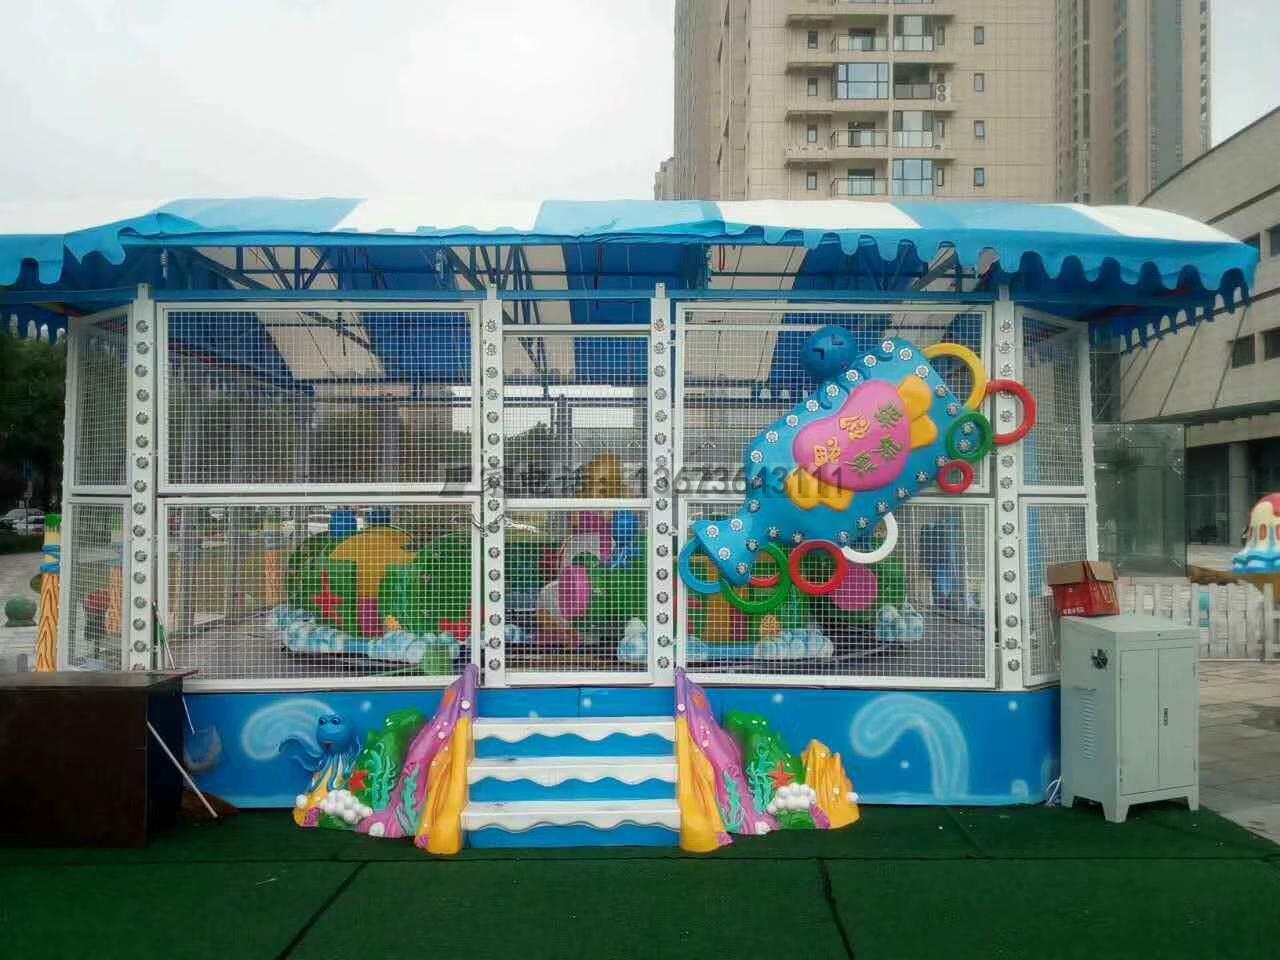 欢乐喷球车户外儿童游乐设备 大洋游乐厂家直销轨道欢乐喷球车示例图7